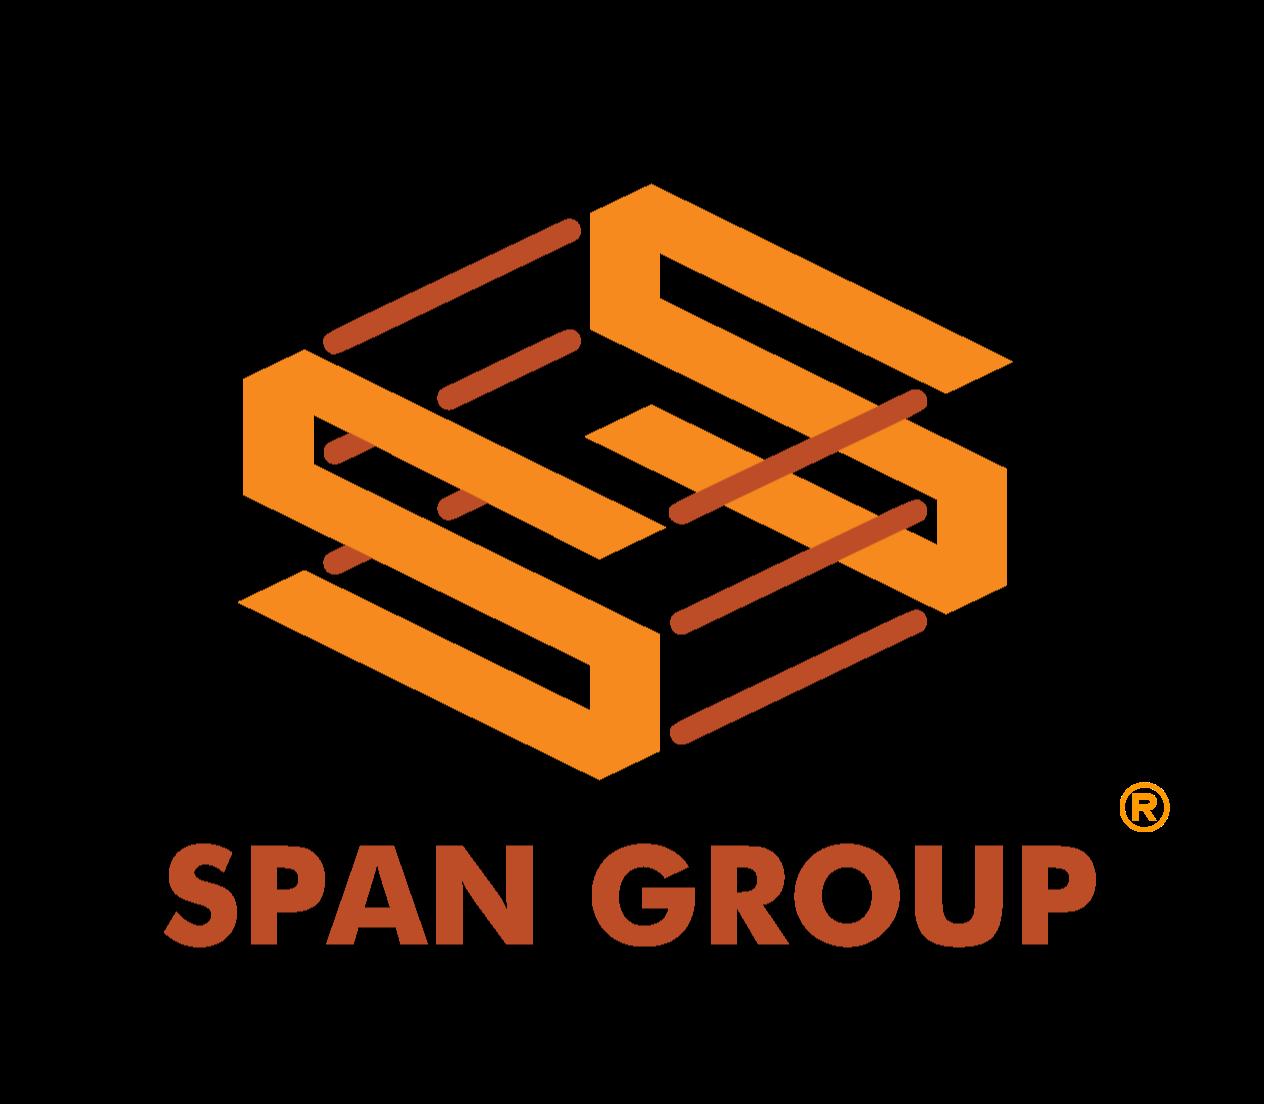 Công ty cổ phần thiết kế & phát triển công nghệ xây dựng Span